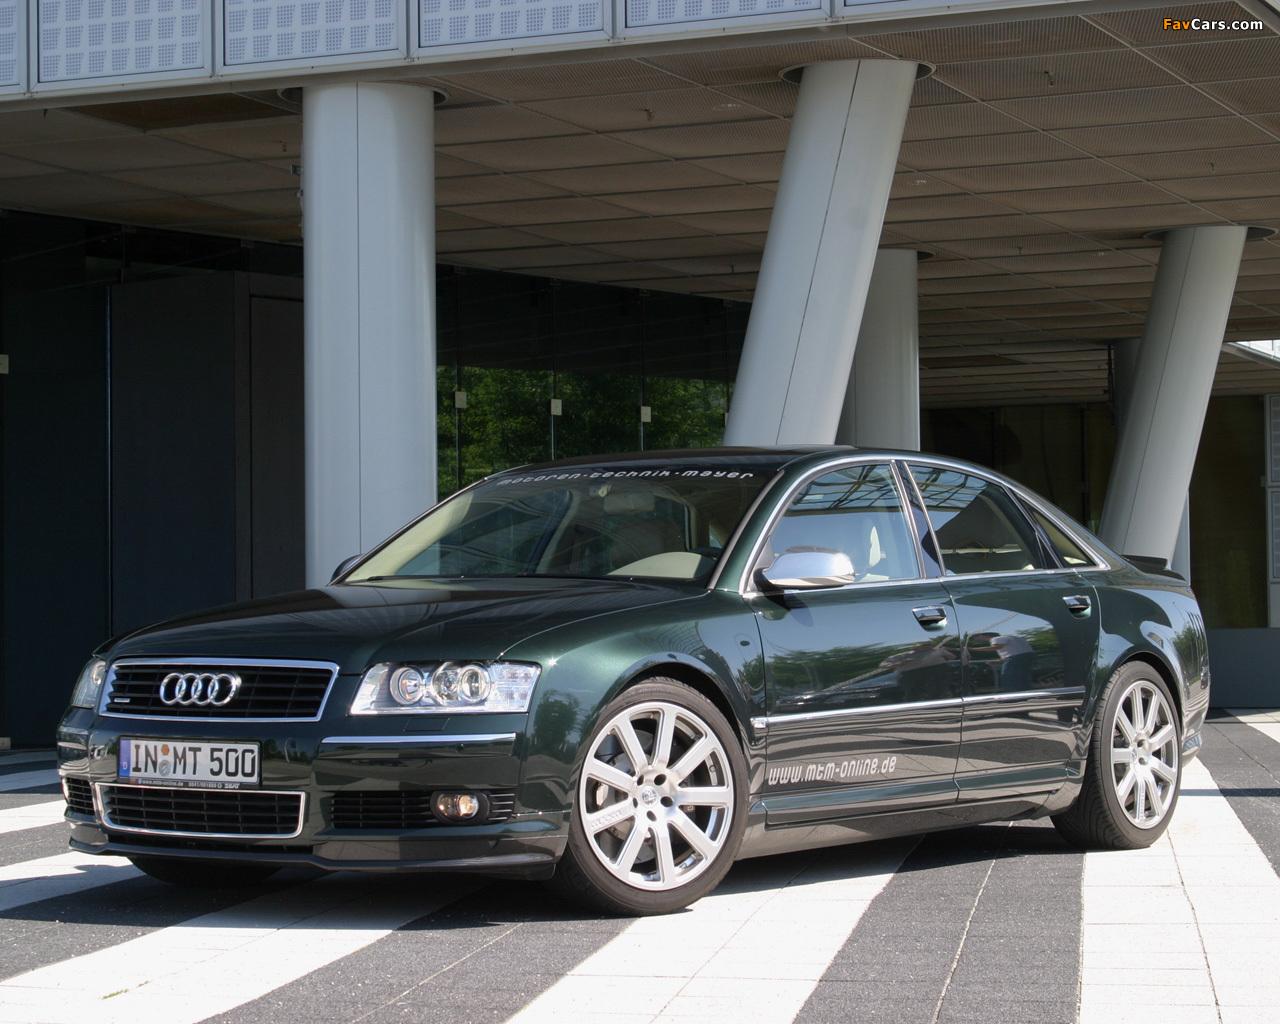 MTM Audi A8 D3 wallpapers 1280x1024 1280x1024